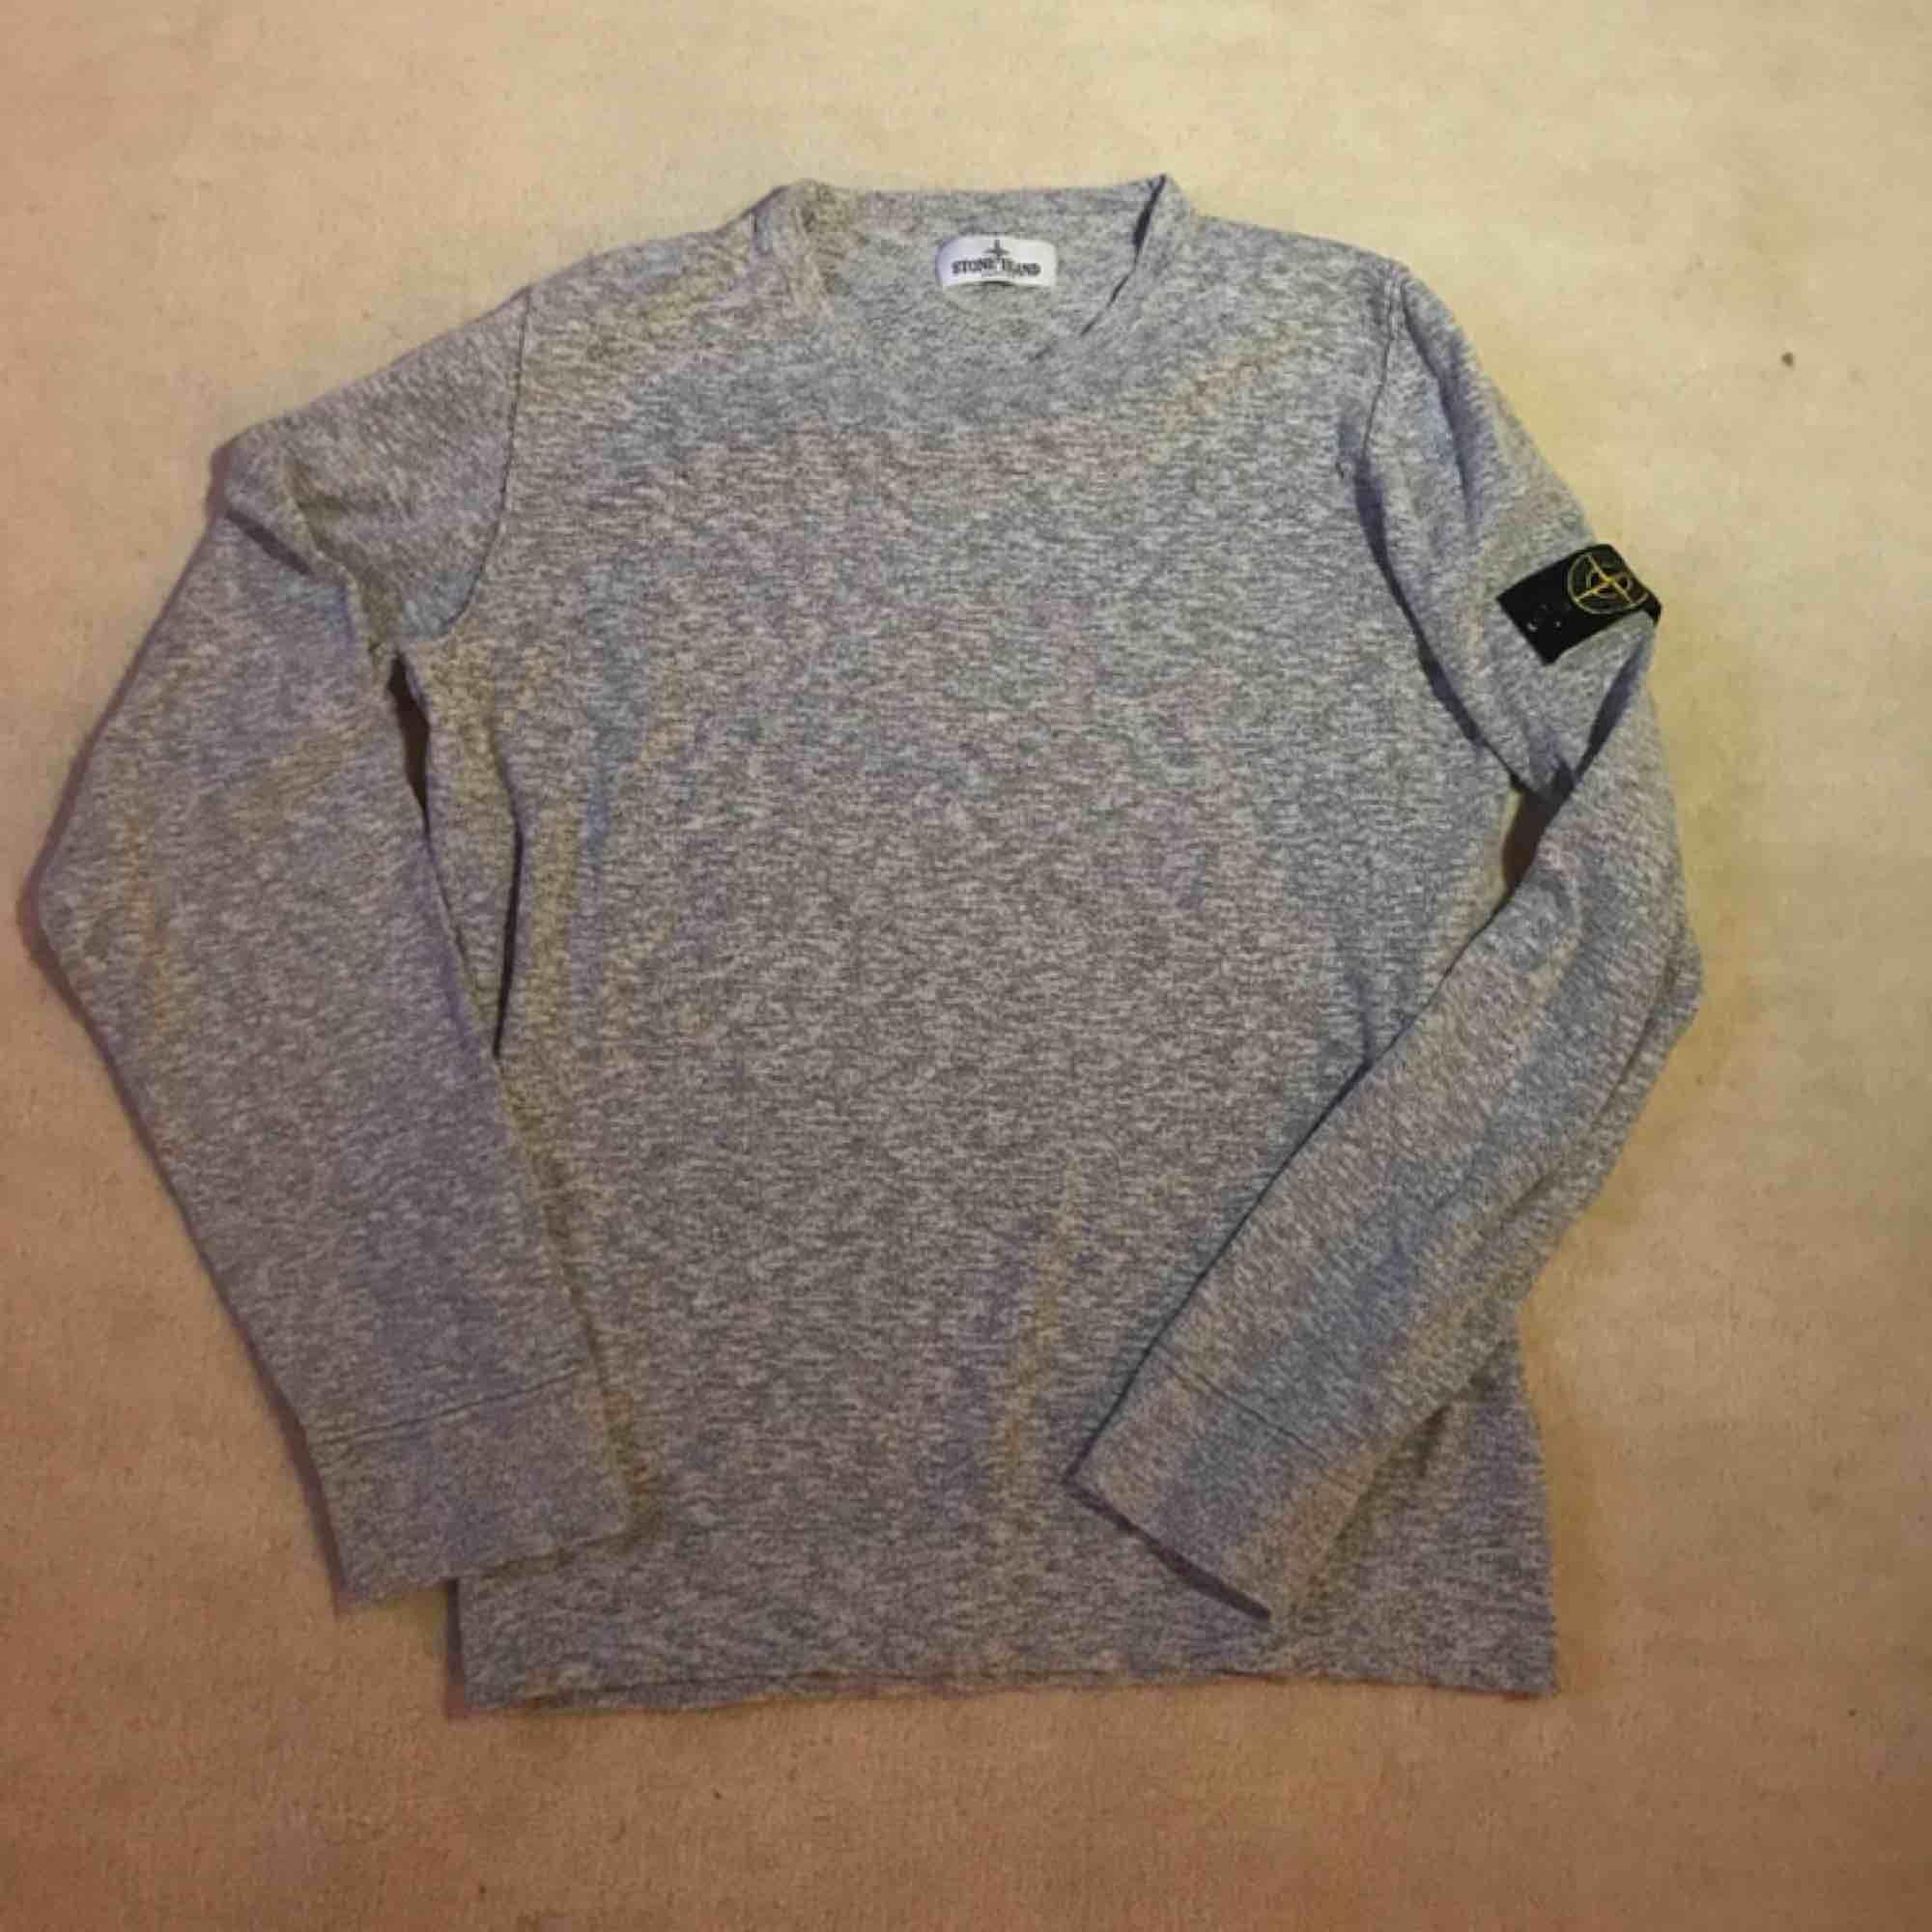 Stone Island Junior sweatshirt, grå. Cond: 8/10, måttligt använd. Storlek: 170, fits true. Tröjor & Koftor.